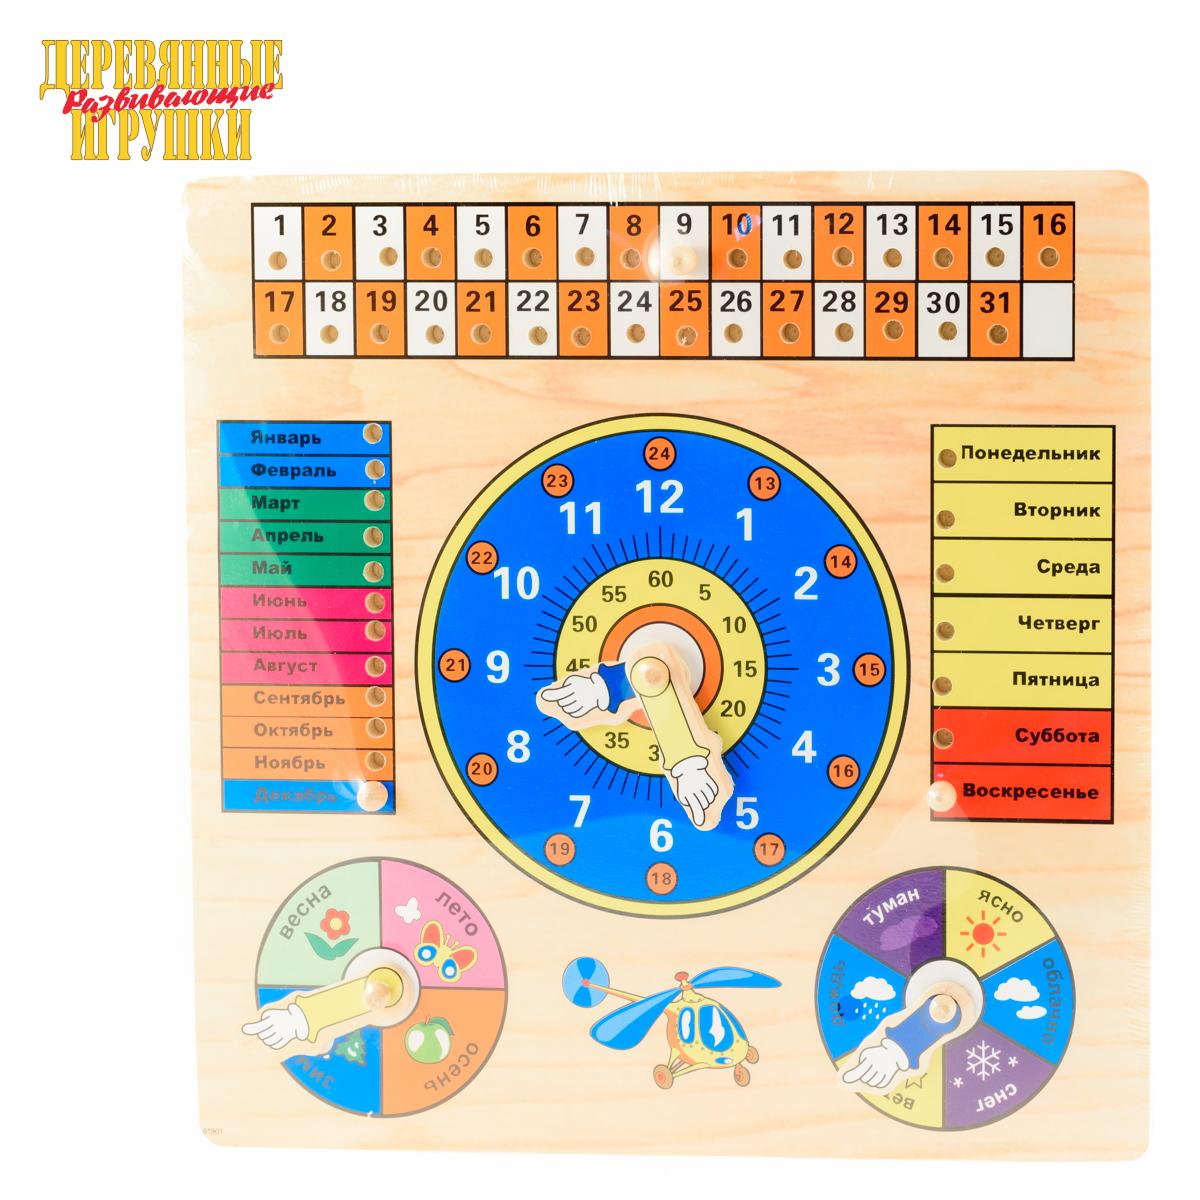 Анданте. РДИ. Д-034а Часы-календарь - Размер  30 см × 30 см × 1 см  Игра поможет изучить время, месяцы, дни месяца, дни недели, времена года, погоду.